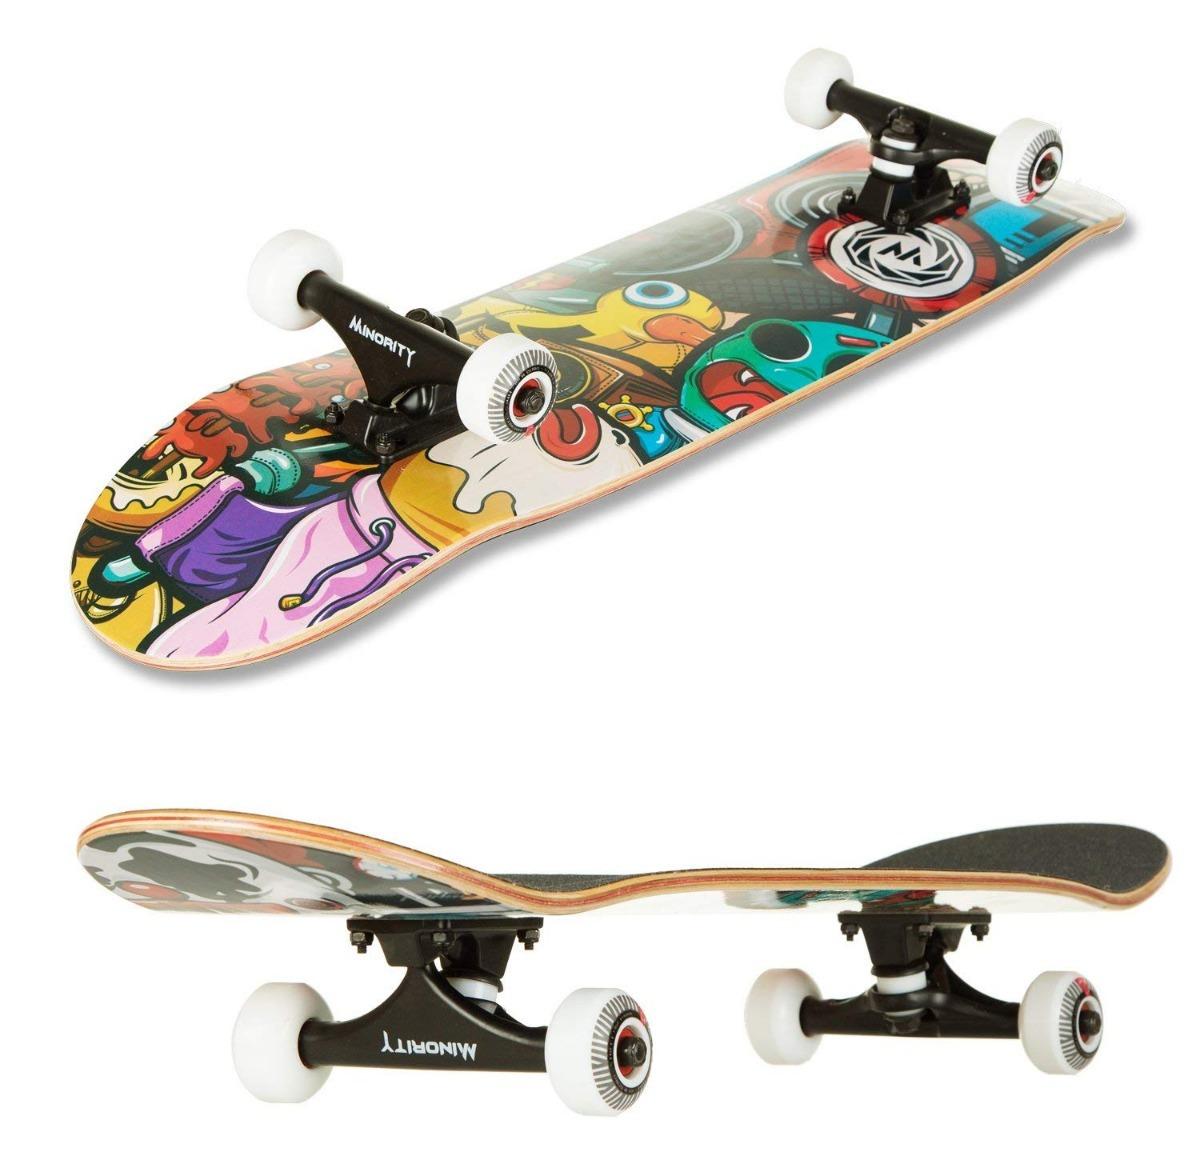 Tablas Minority 32inch Maple Skateboard